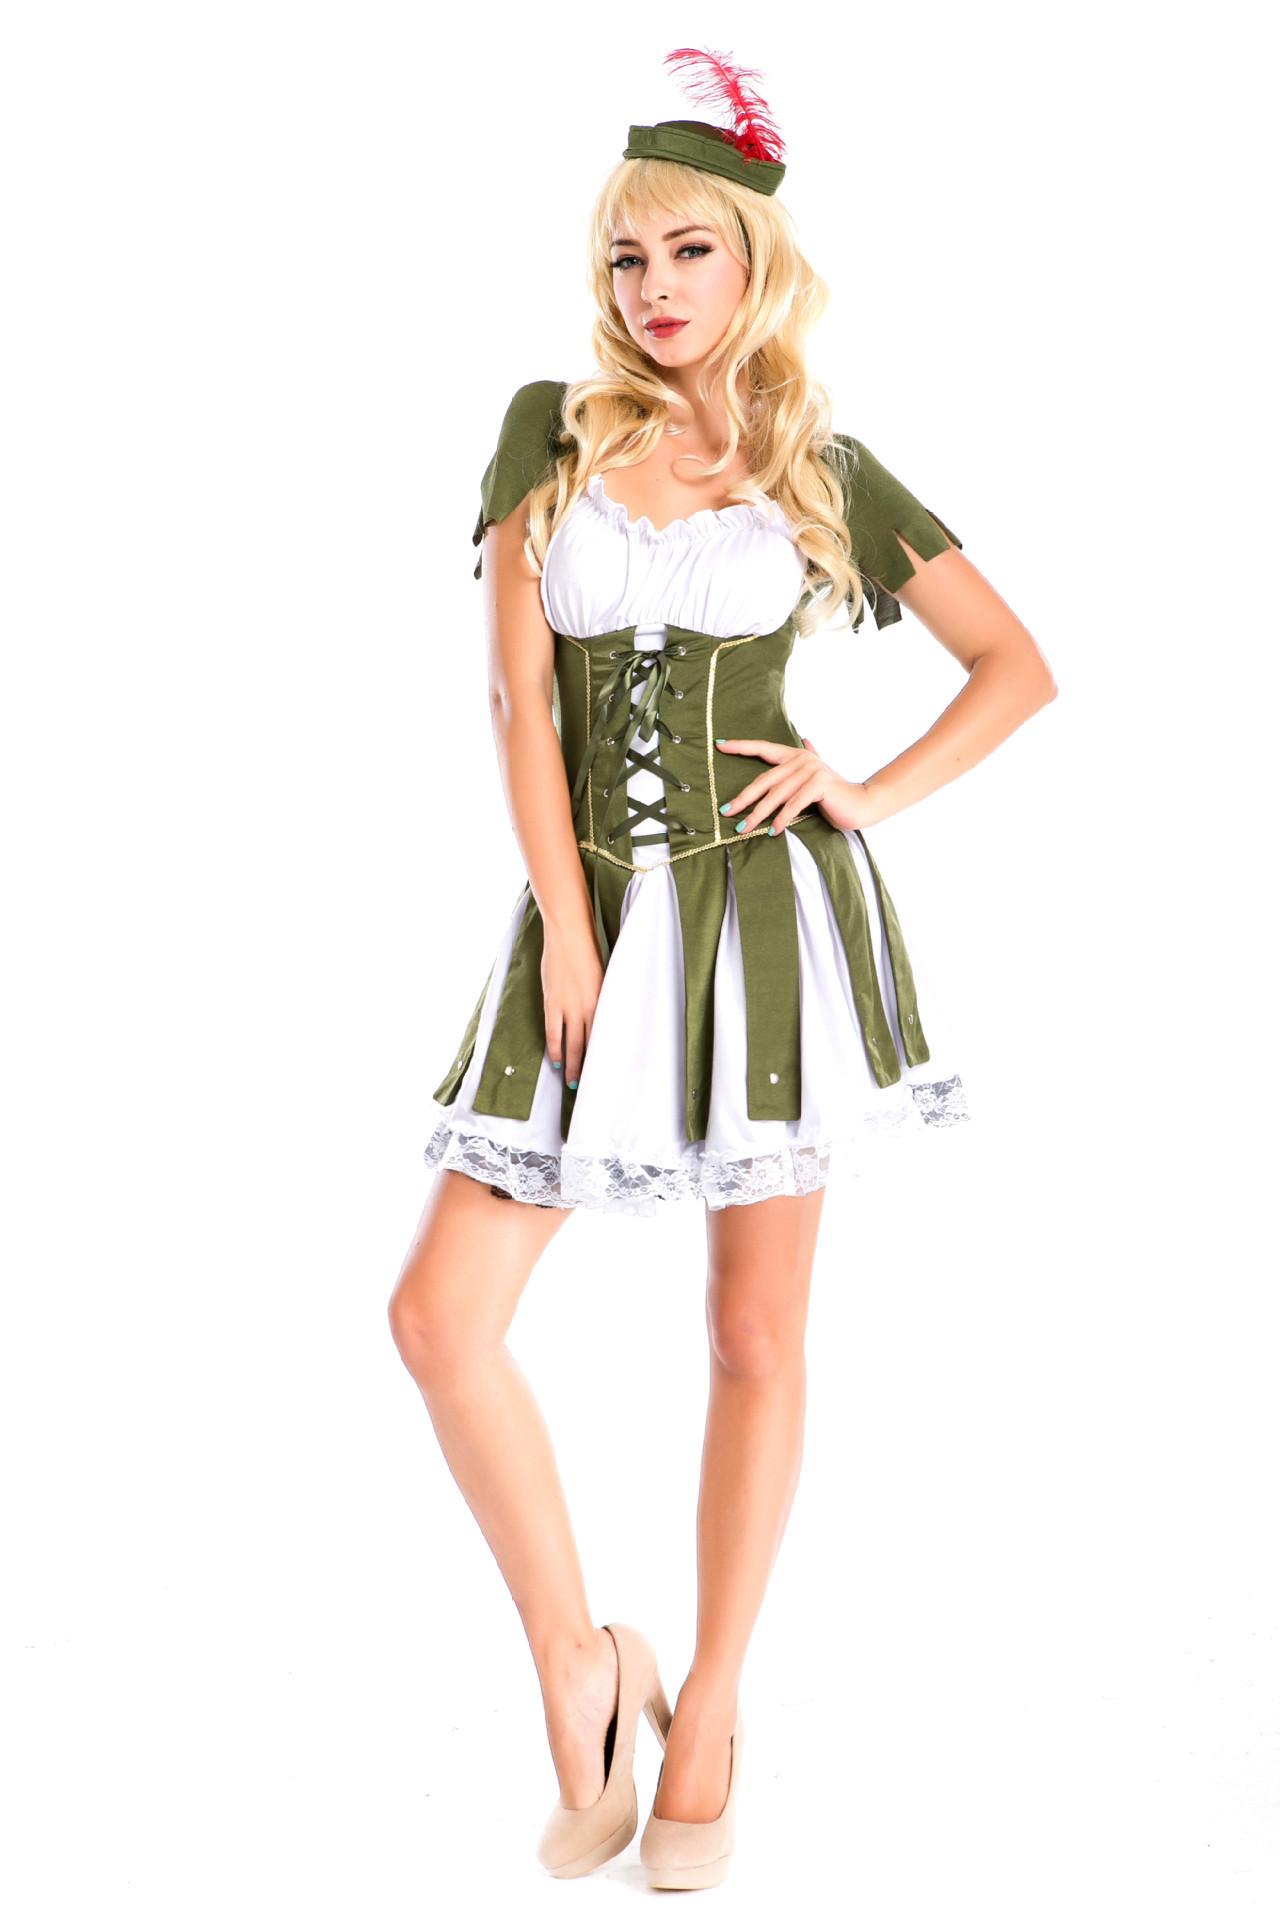 欧美游戏制服印第安部落猎人服装角色扮演万圣节派对服装海盗服女